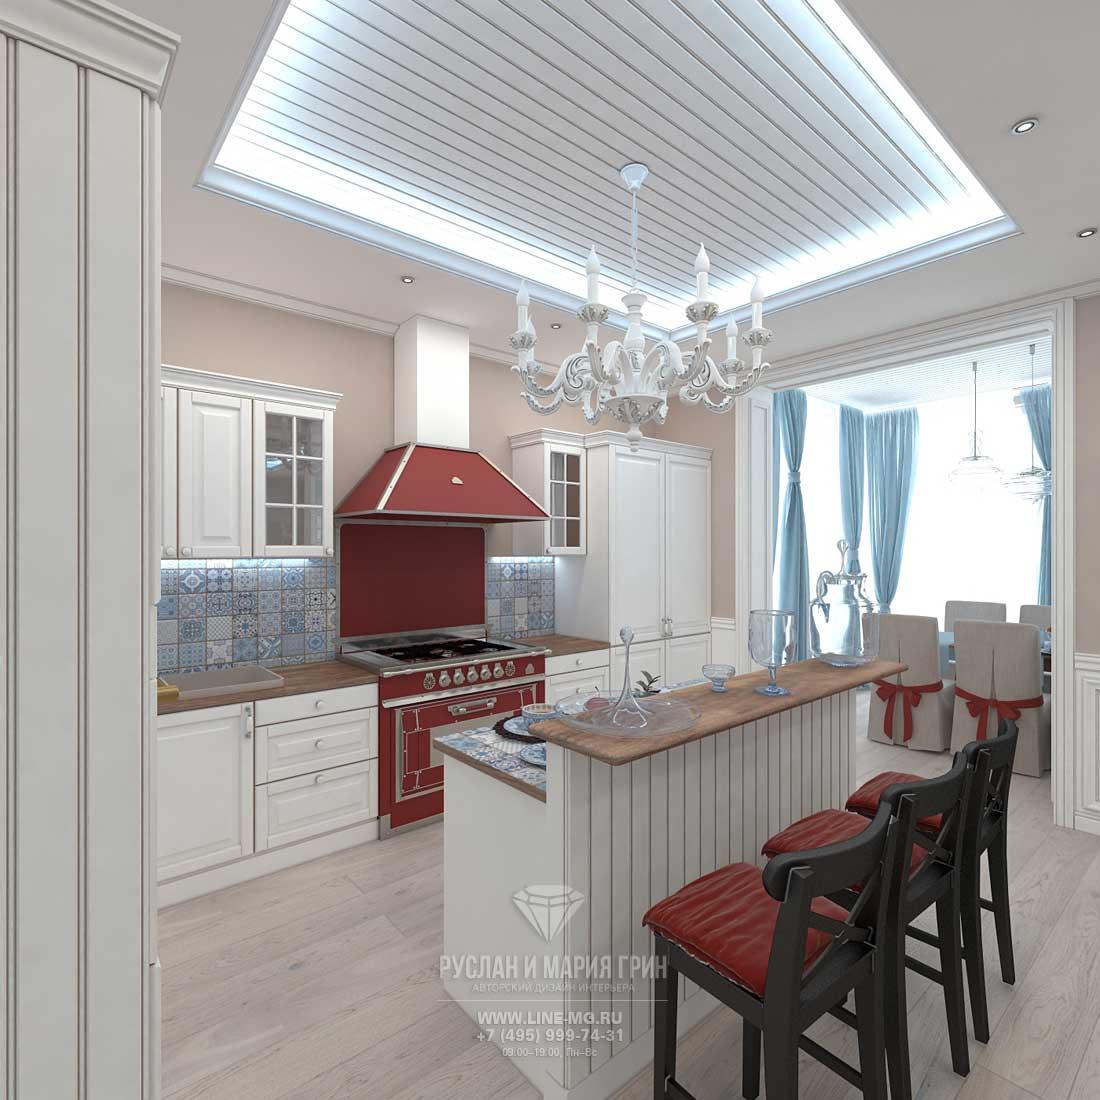 Романтичная кухня в стиле прованс в белом цвете